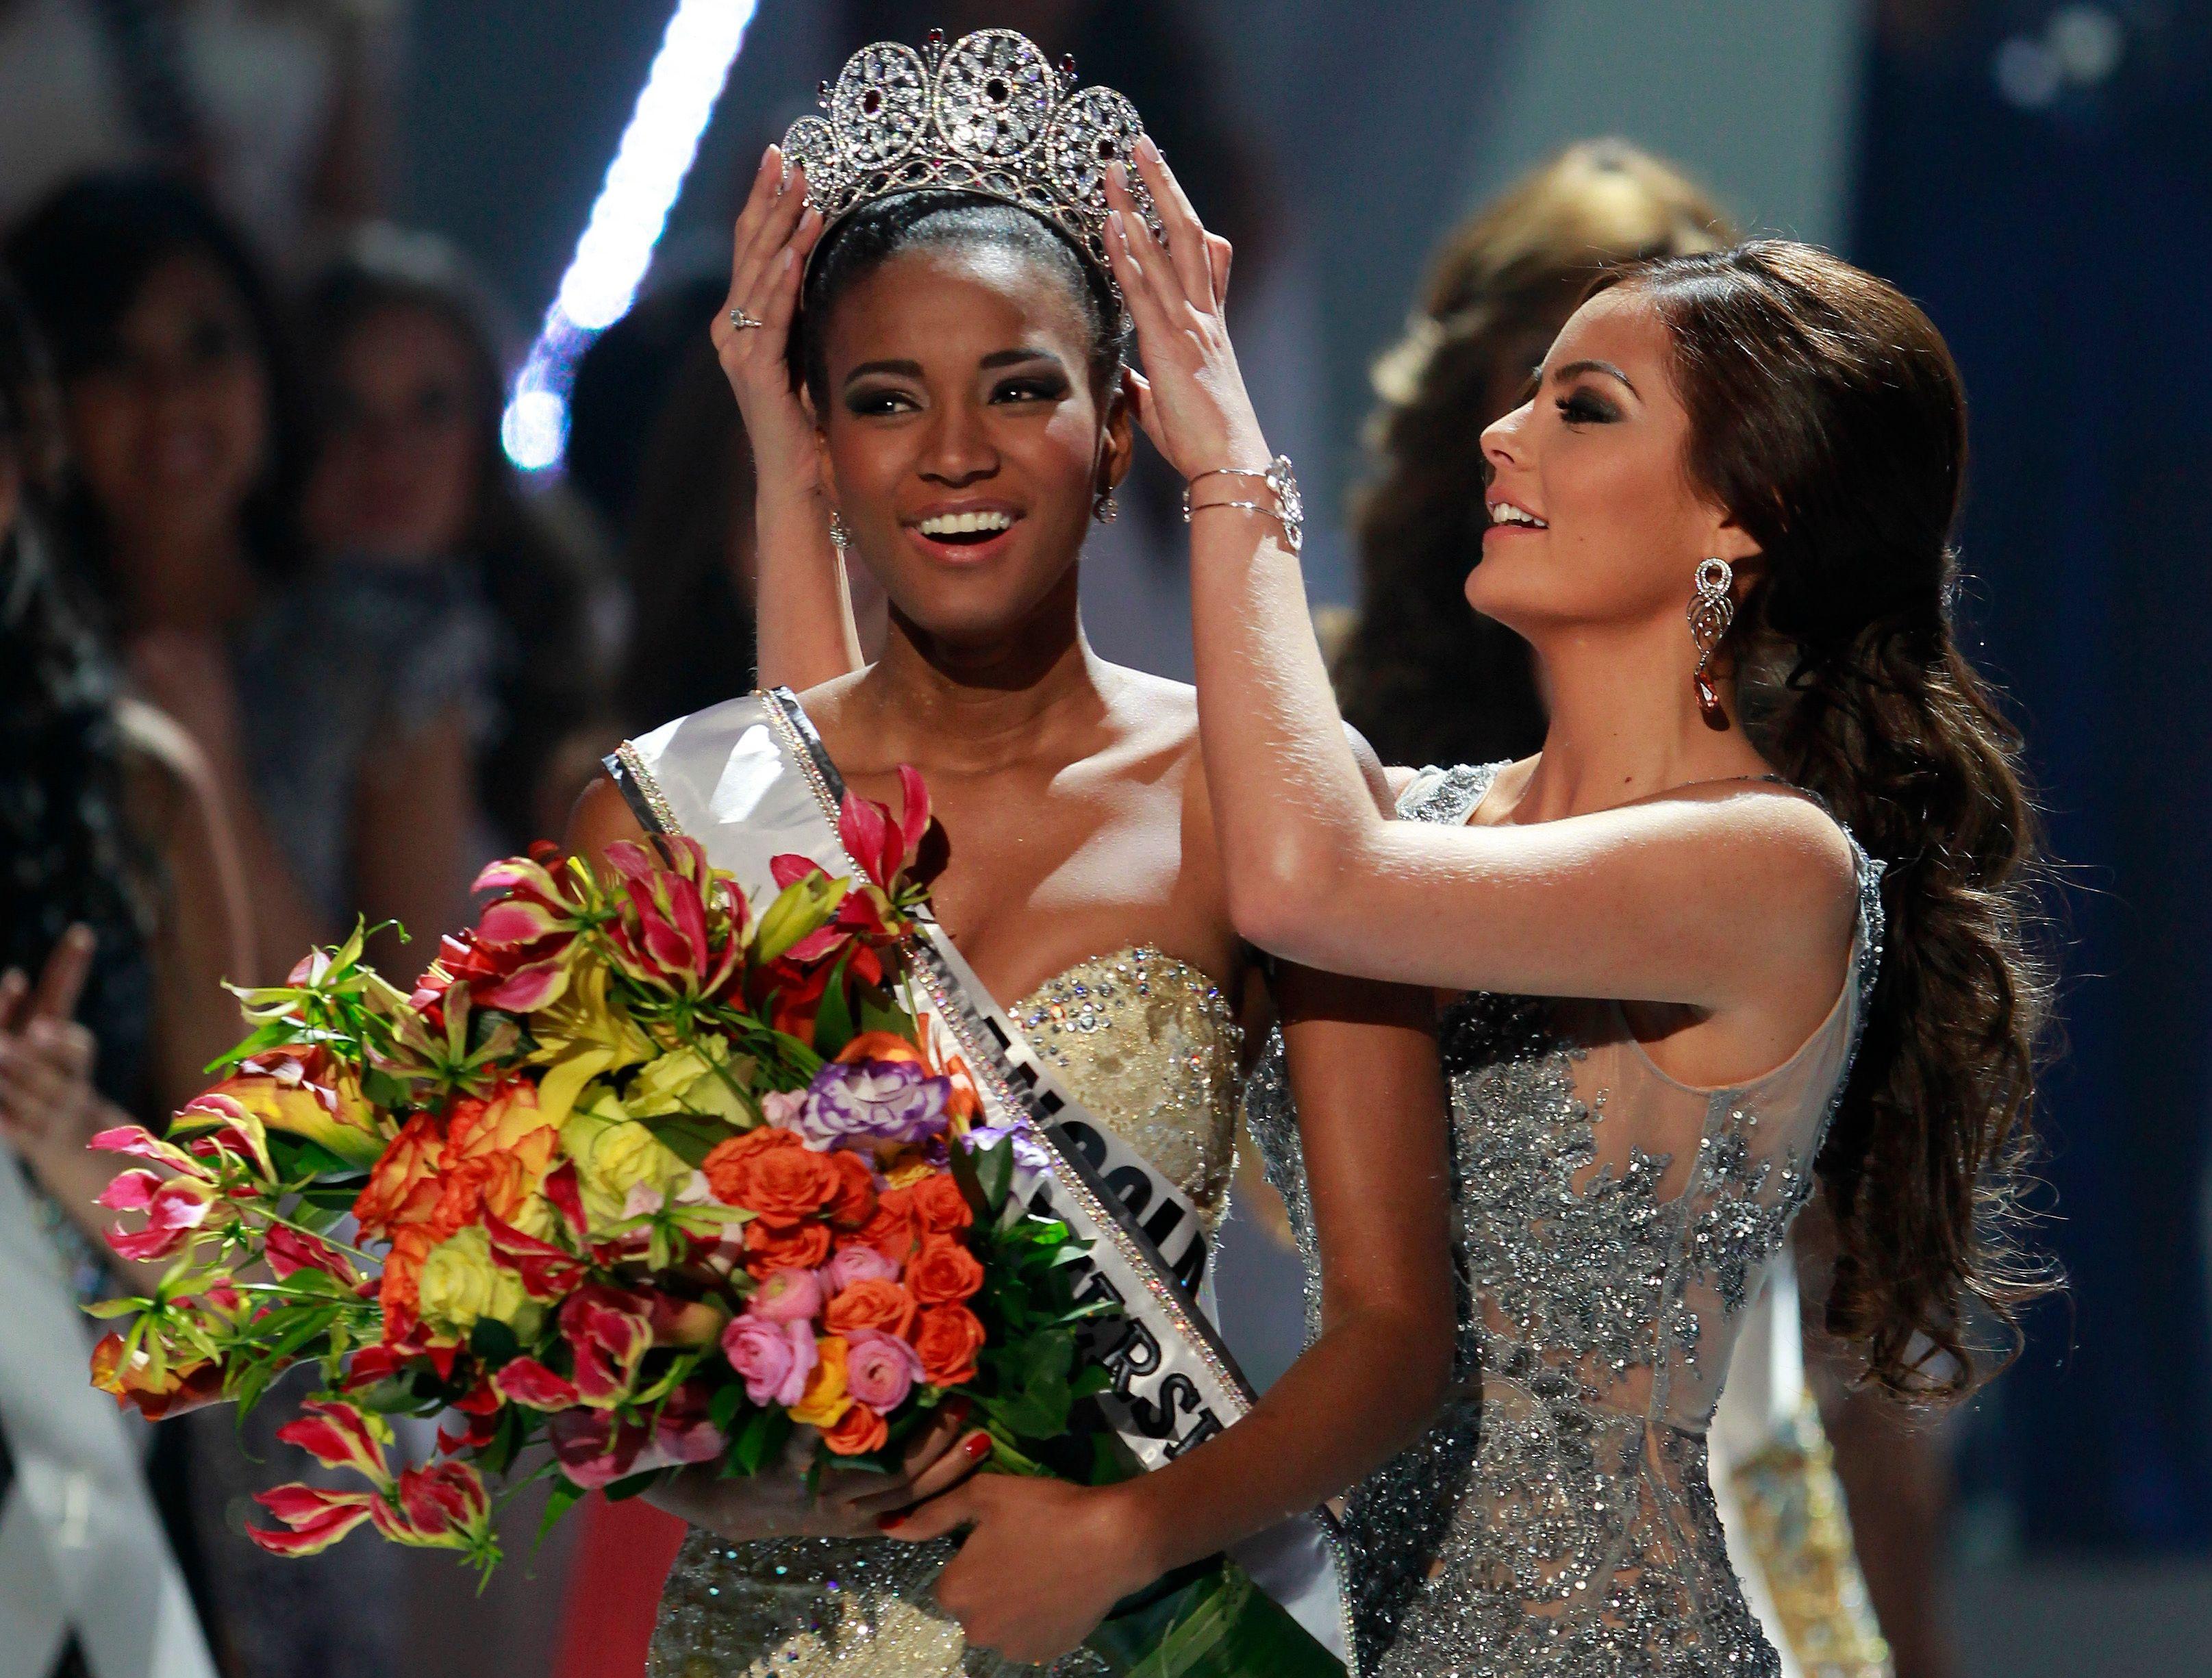 Leila Lopes, c'est son nom. Miss Univers c'est sa nouvelle fonction pendant un an.